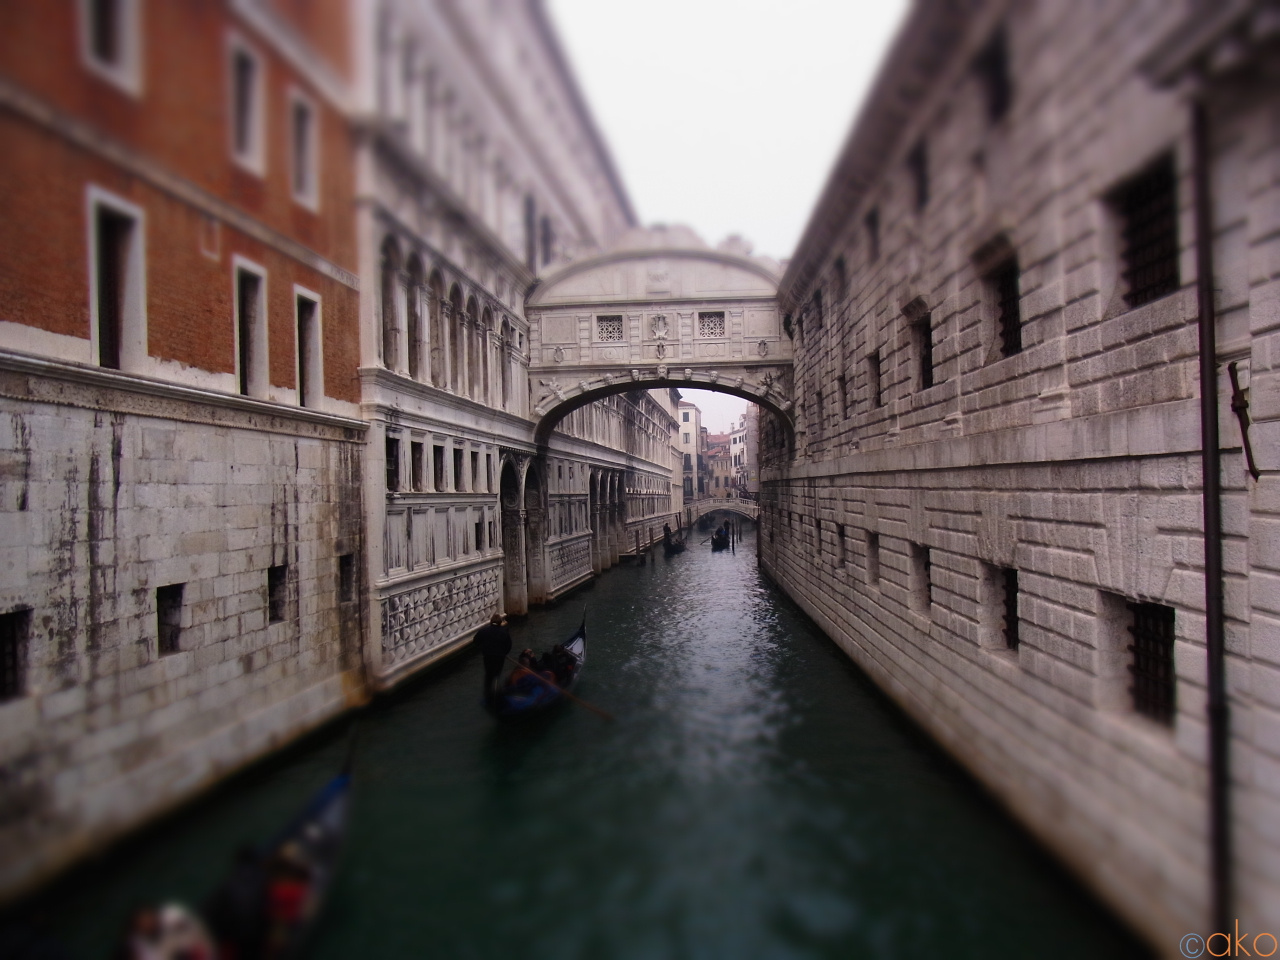 哀愁を纏った美しい姿、ヴェネツィアのため息橋| イタリア観光ガイド